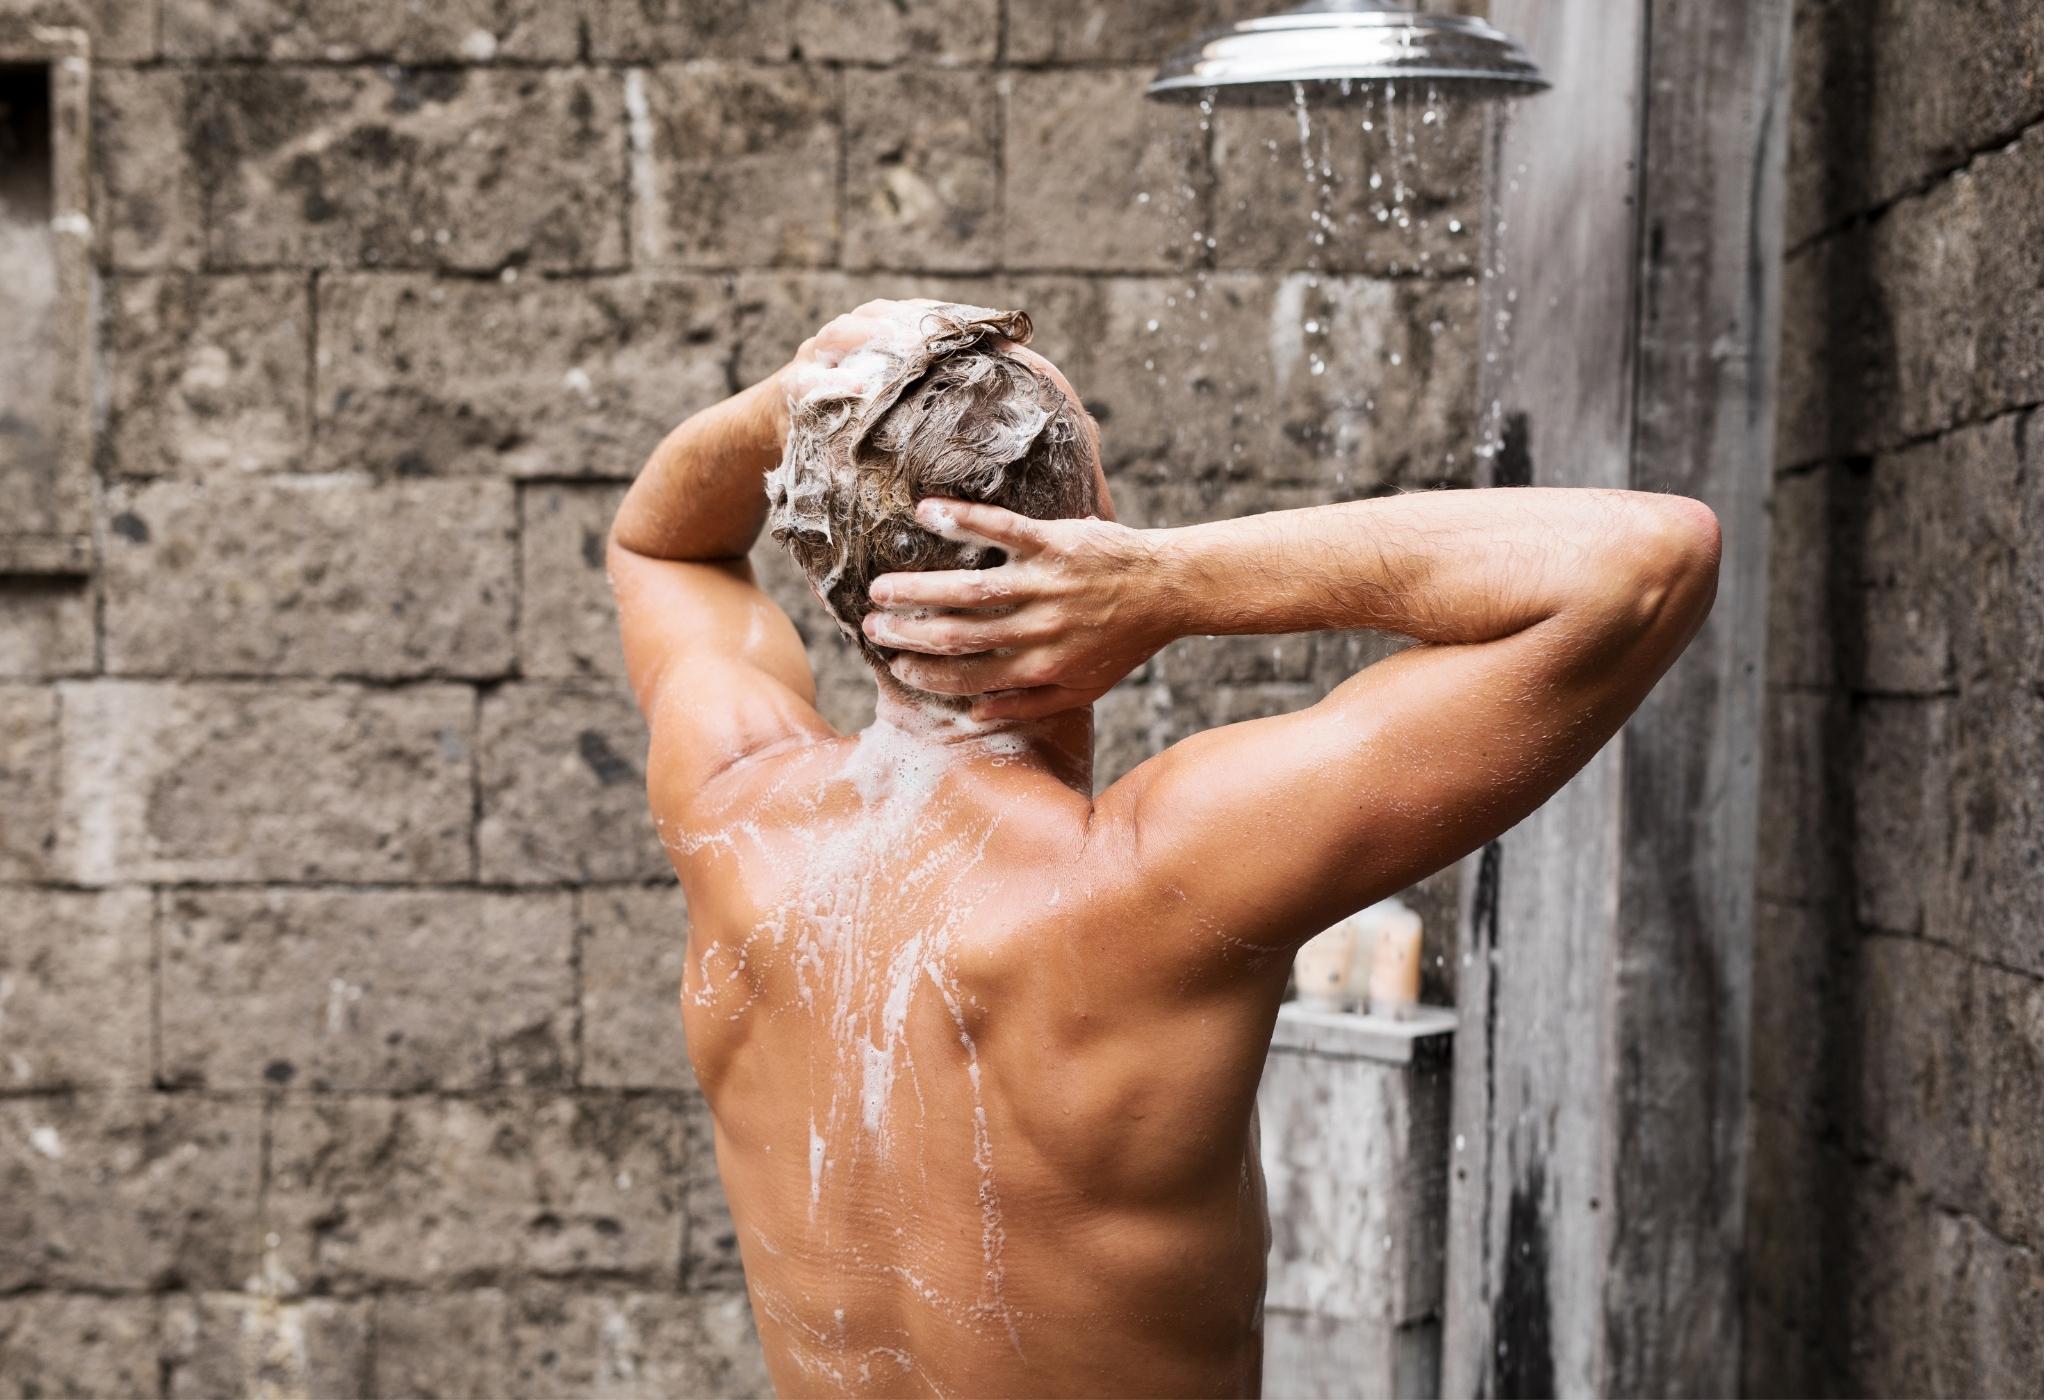 homem aplicando shampoo